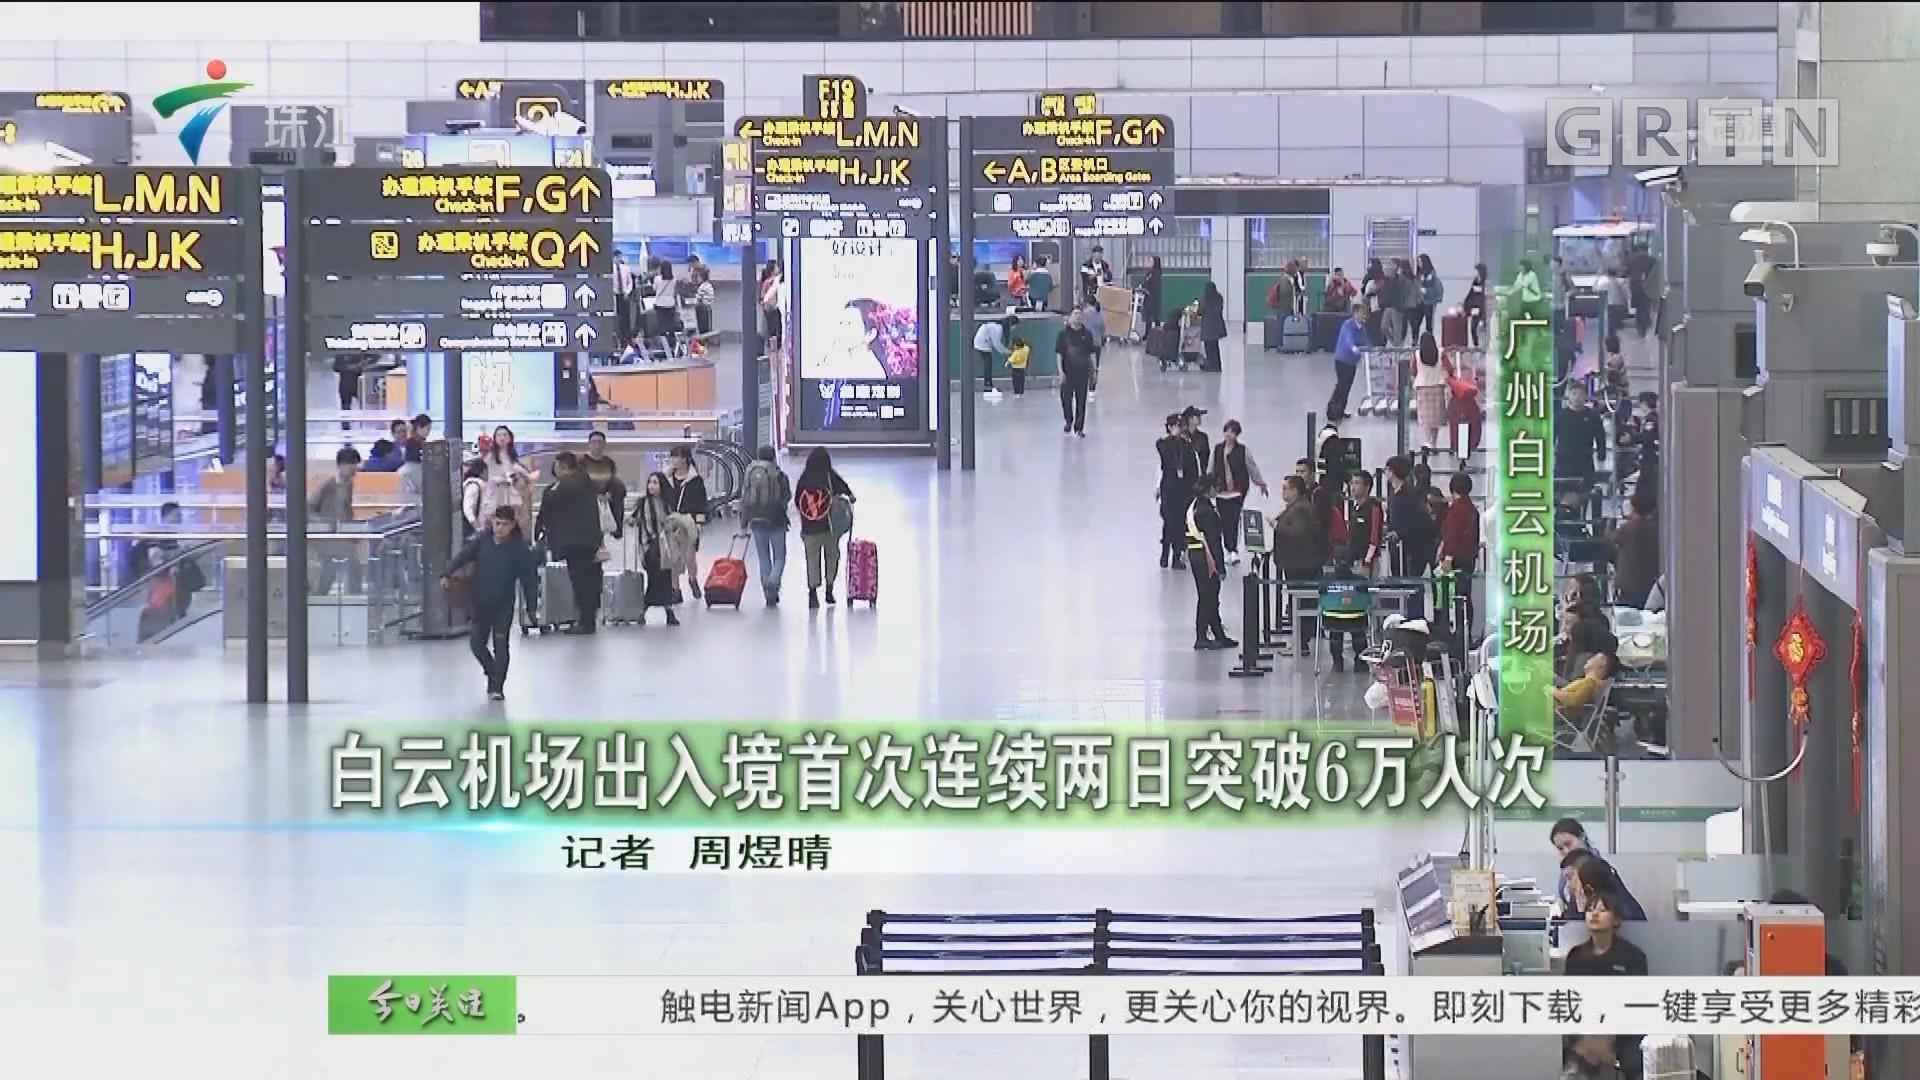 白云机场出入境首次连续两日突破6万人次